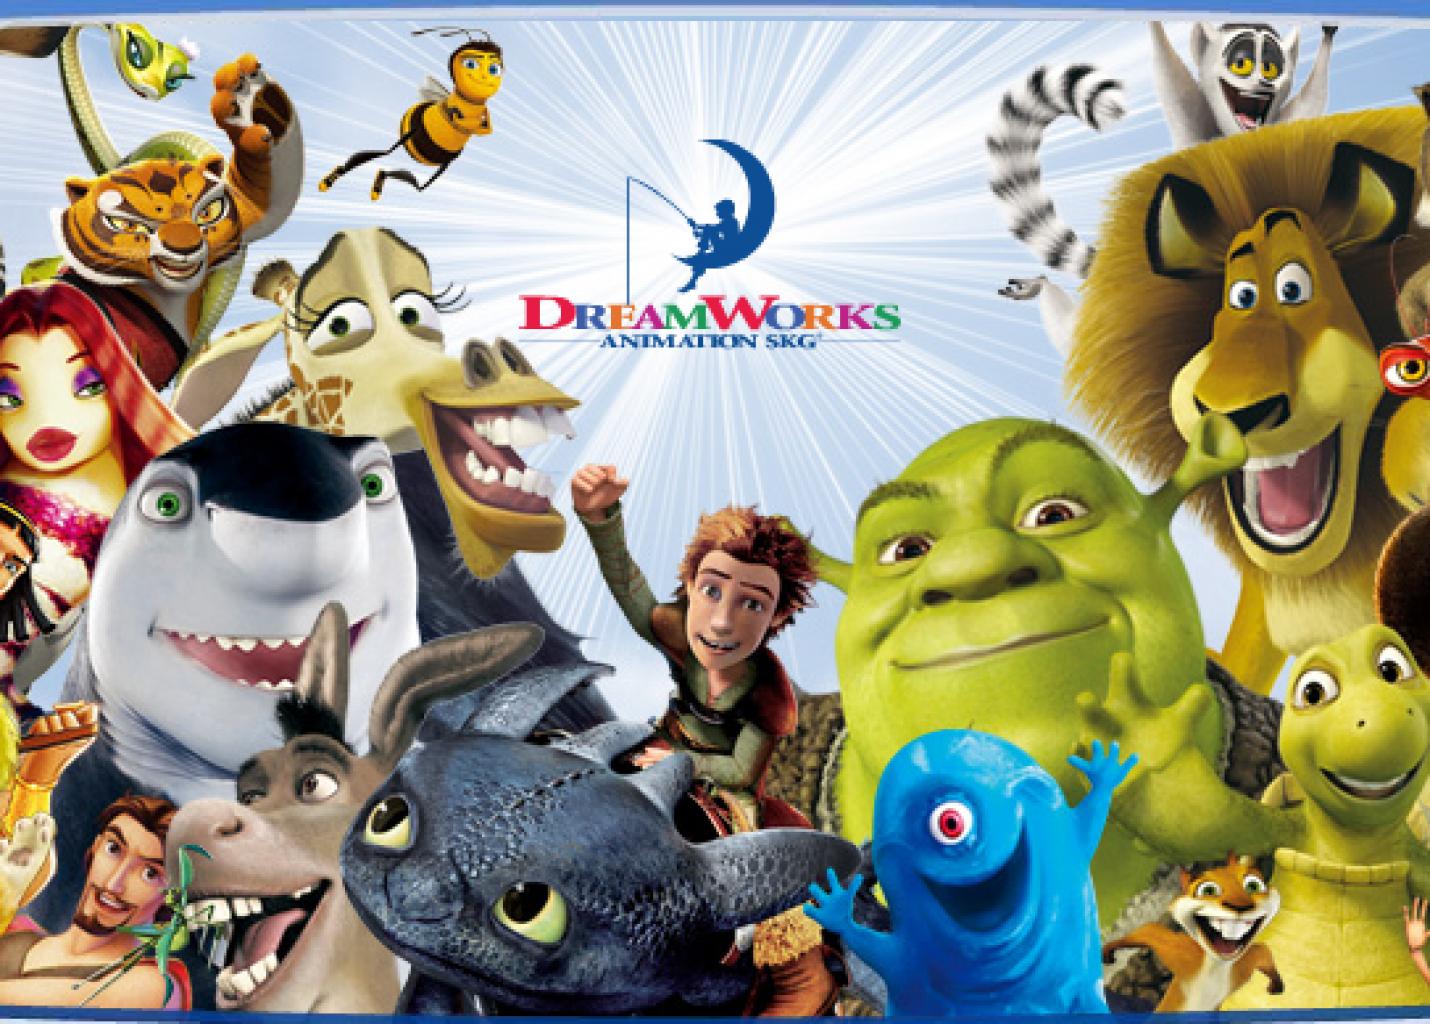 Universal expande leque de atrações e personagens com aquisição da DreamWorks